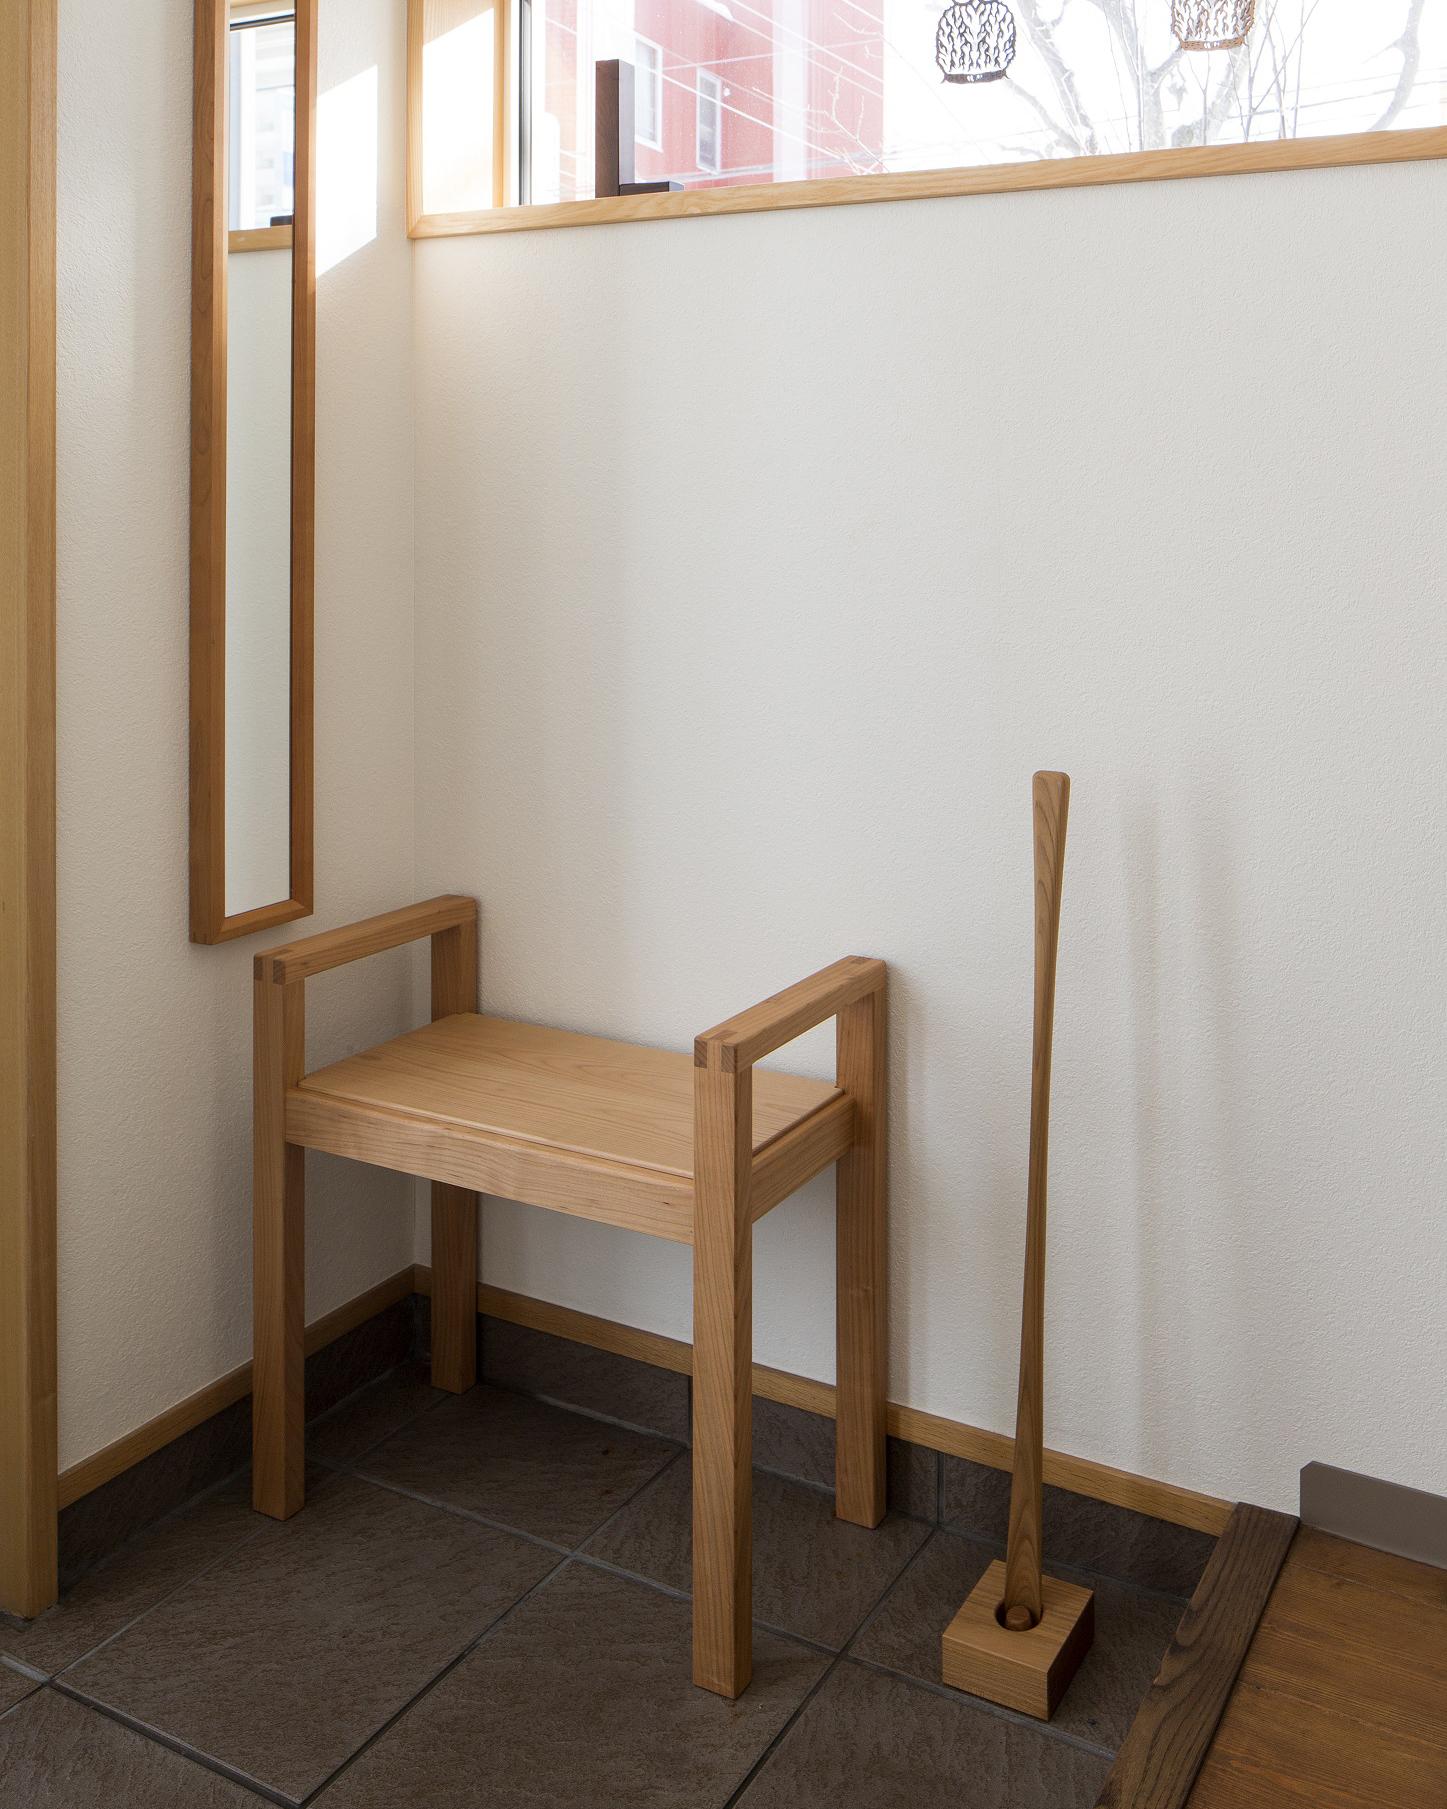 奥行きが狭くて玄関においても邪魔にならないエゾヤマザクラ材のちょこっとスツール:澪工房